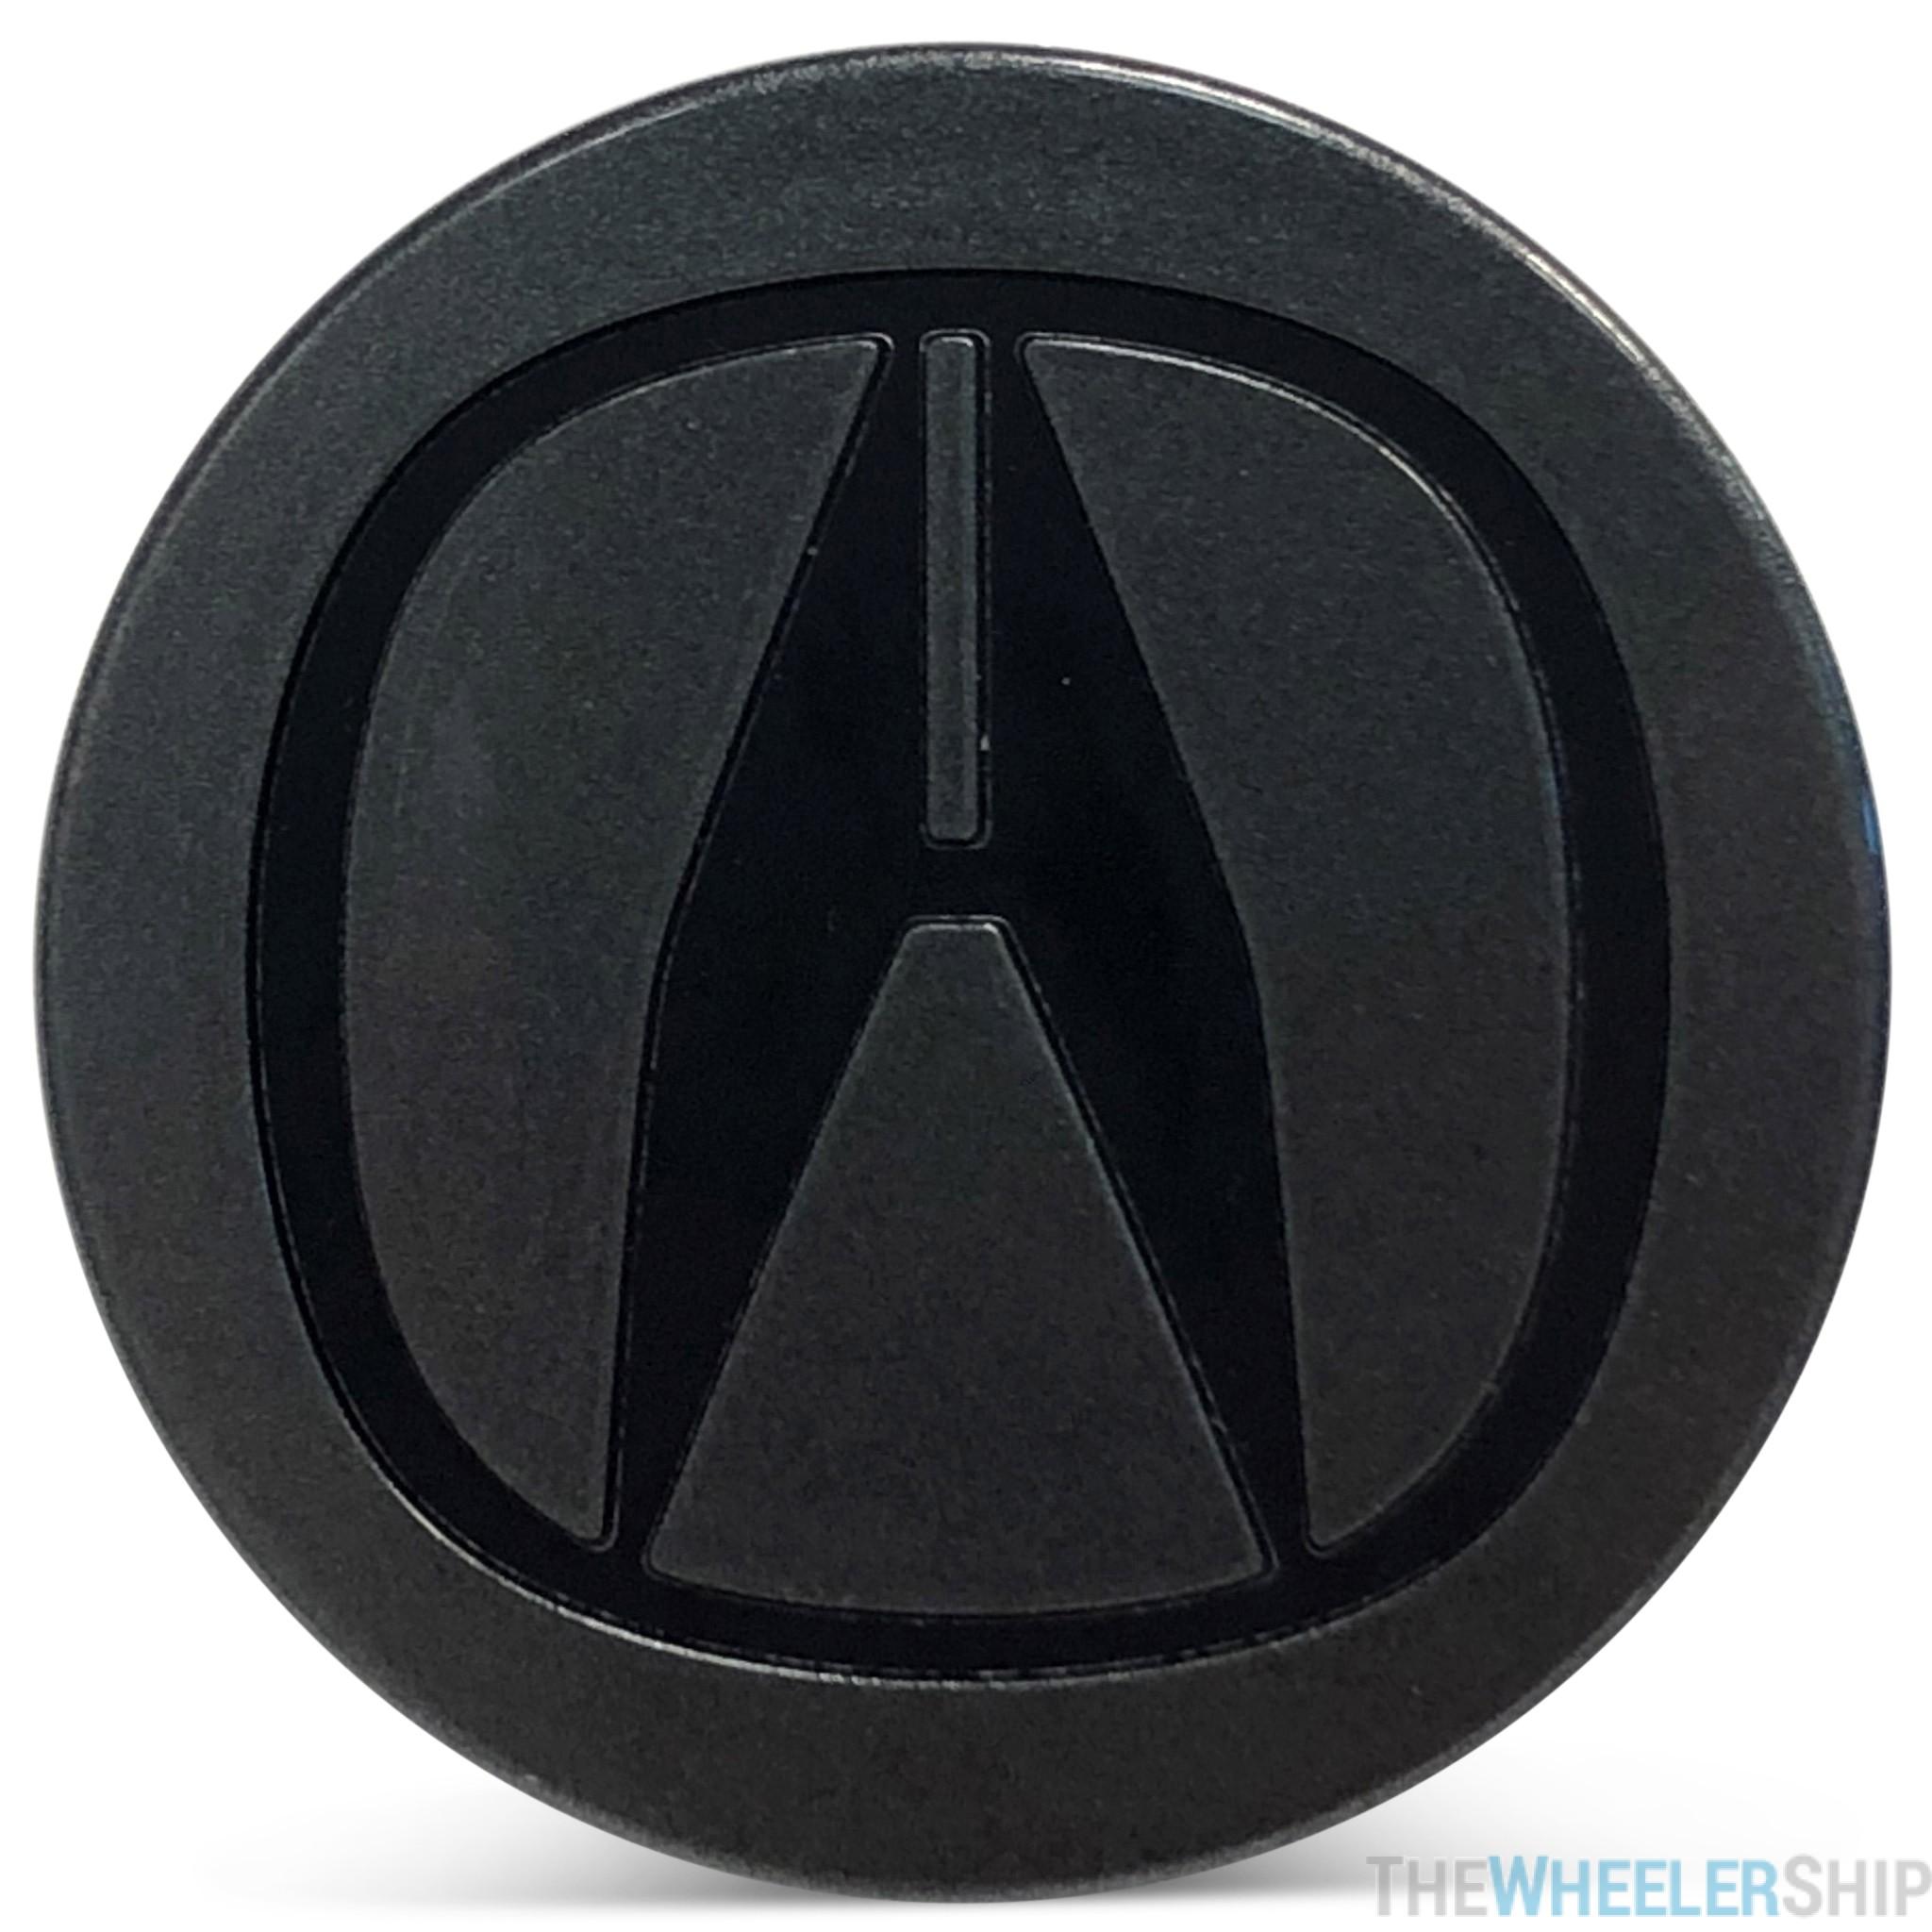 OE Genuine Wheel Cap - Charcoal W